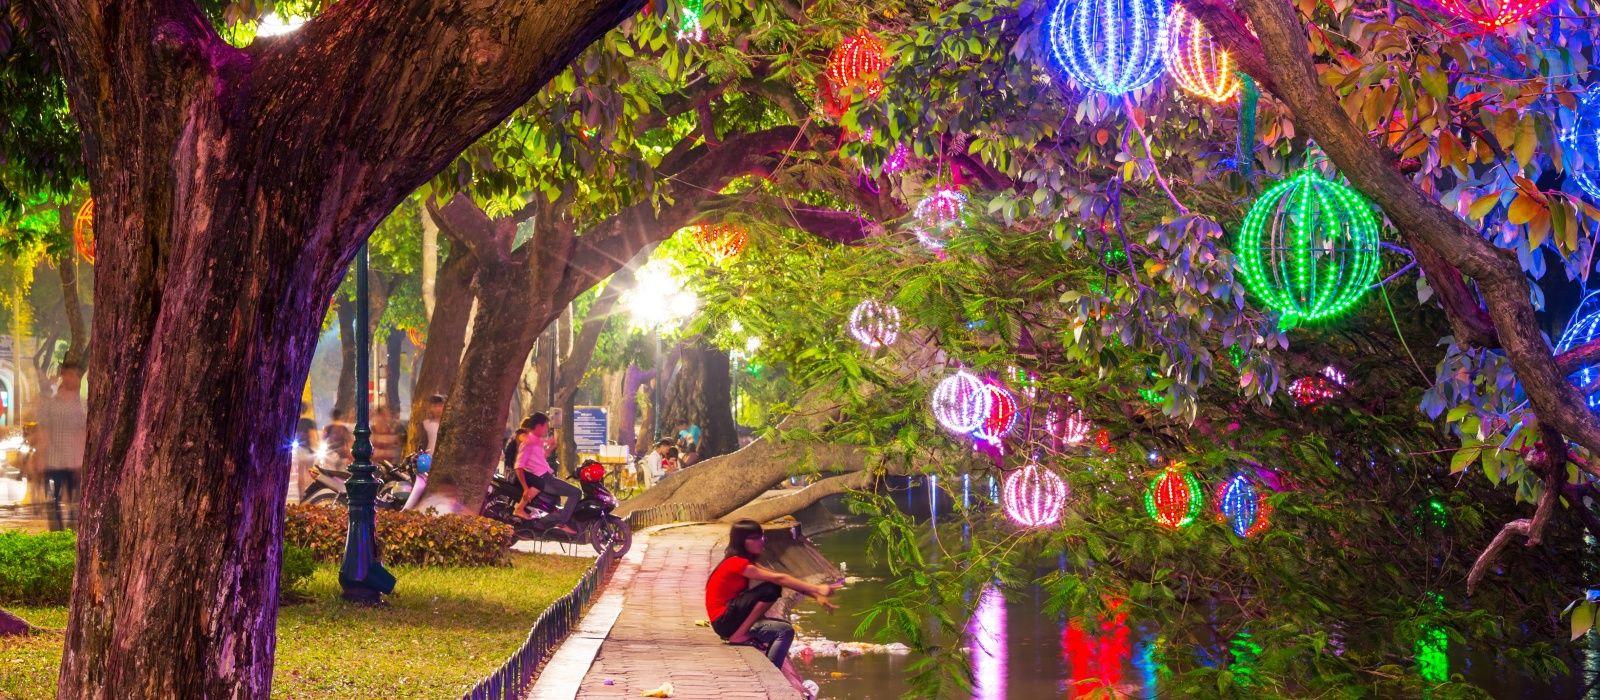 Vietnam Sehenswürdigkeiten: Hanoi ist Vietnams kulturelles Zentrum, hier bunte Lampions bei einem Event